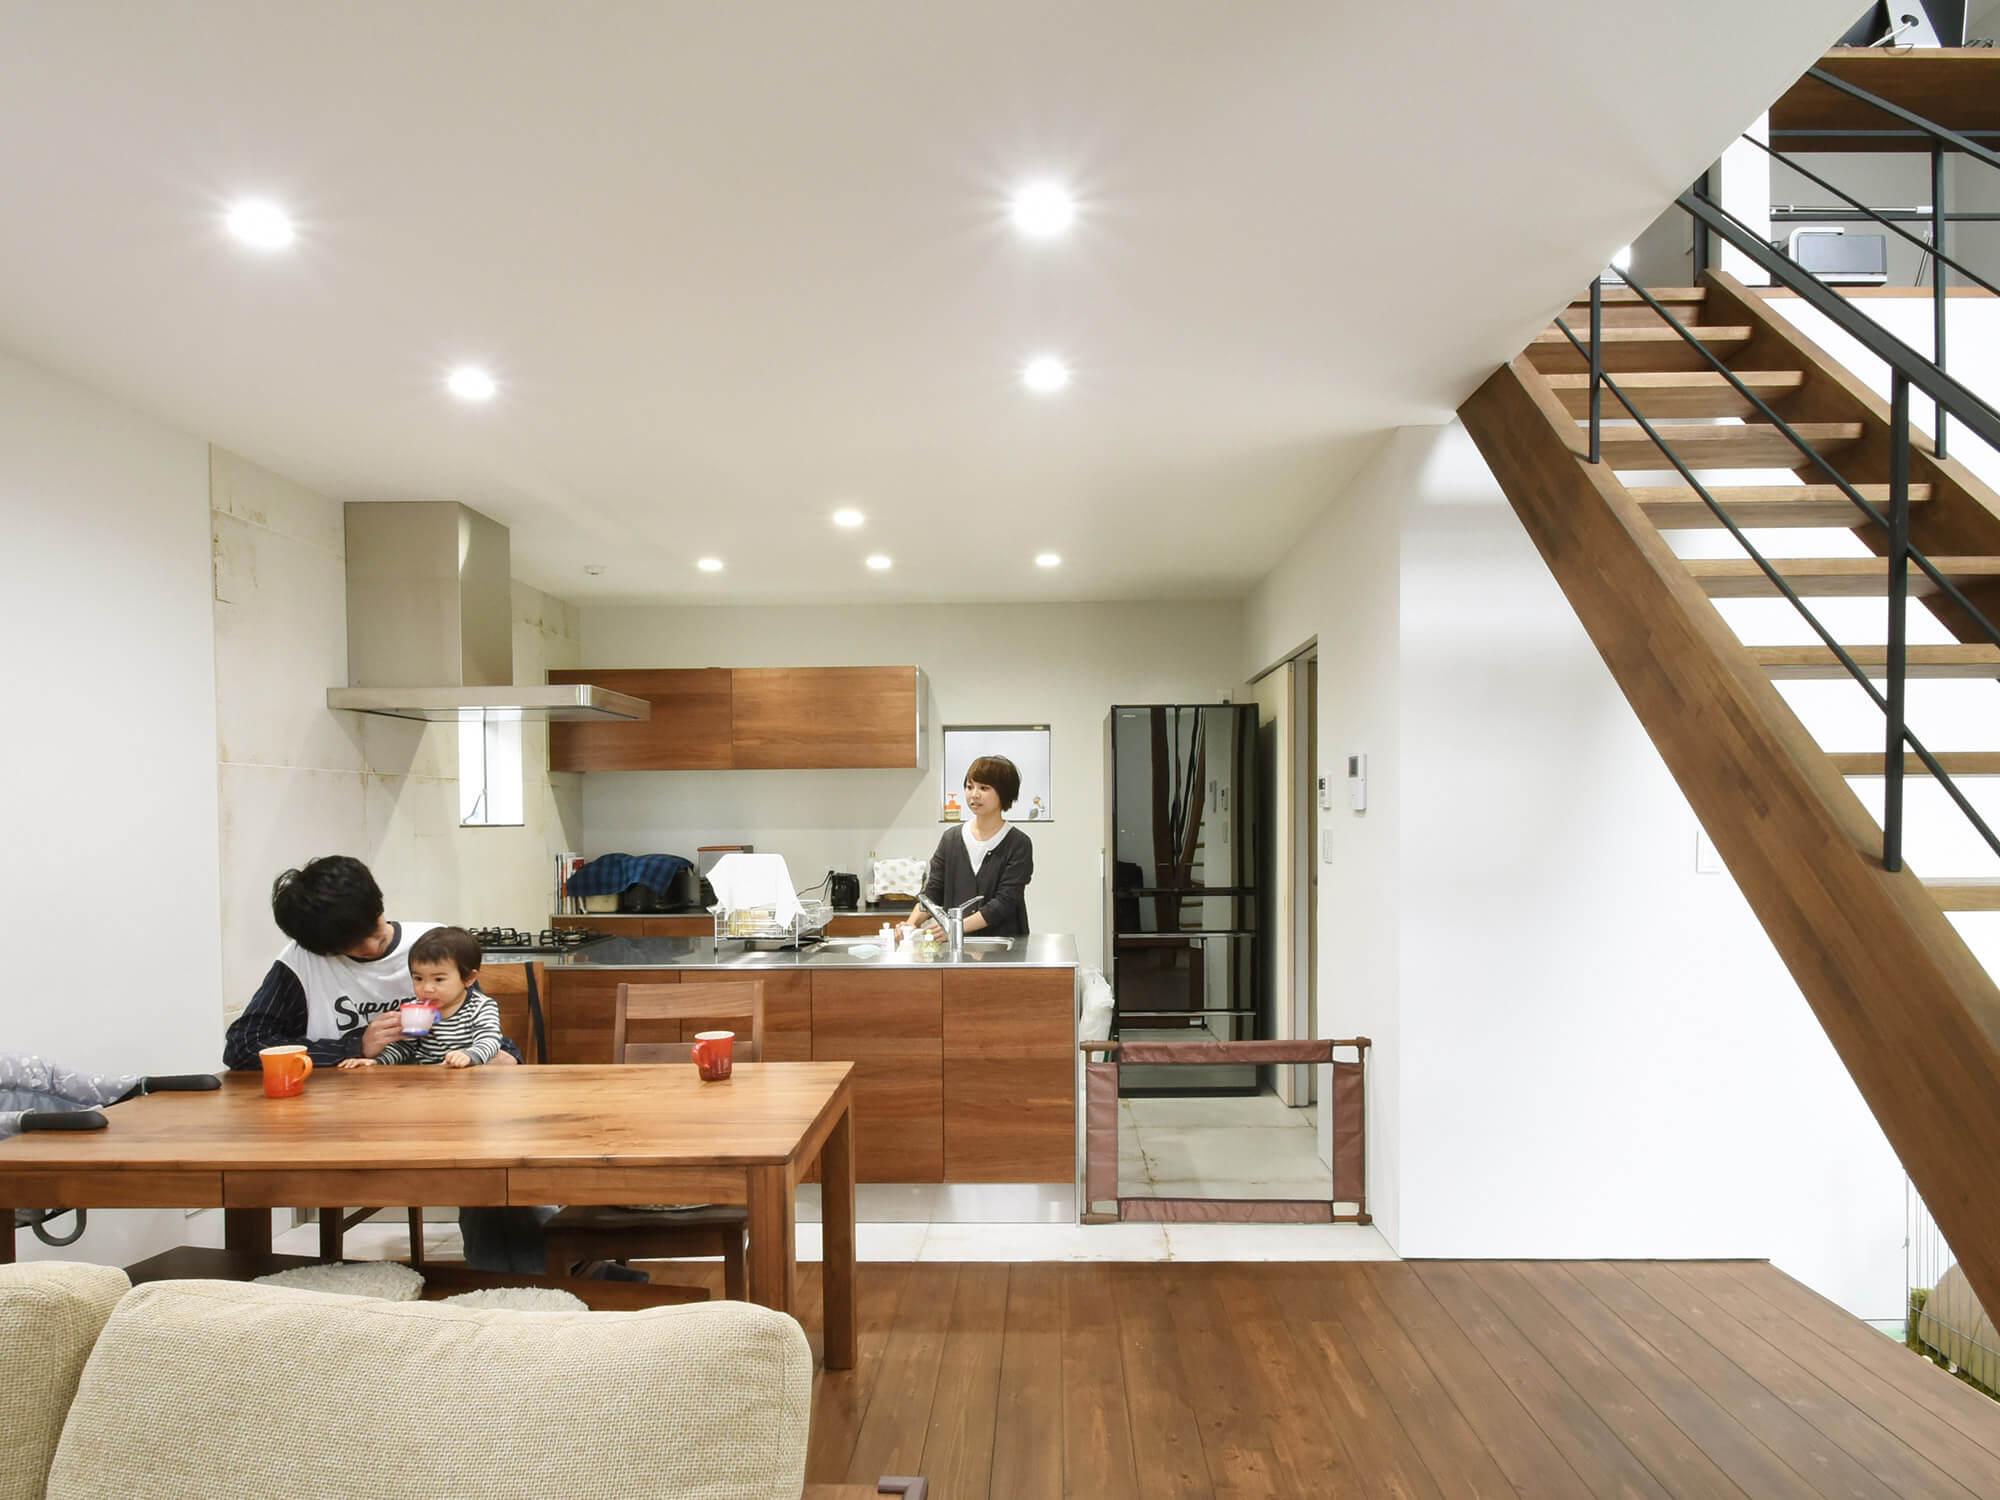 進陶の家04|愛知県名古屋市|Natureスペース施工事例